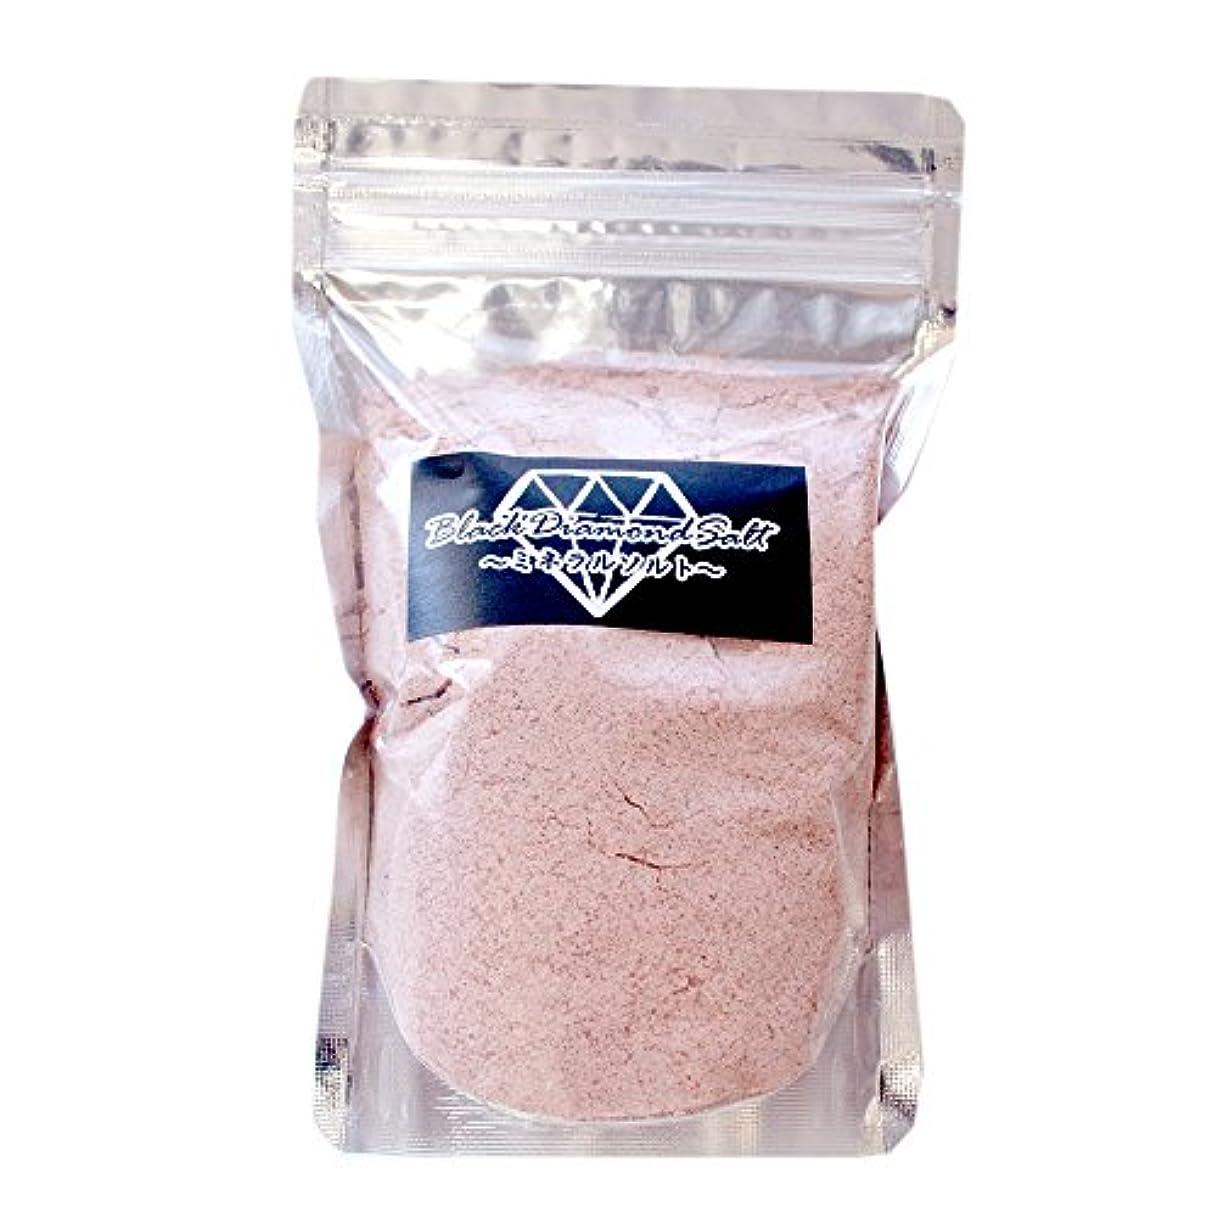 ピースファランクス最初は岩塩風呂 ブラックダイヤソルト岩塩400g(約13回分)